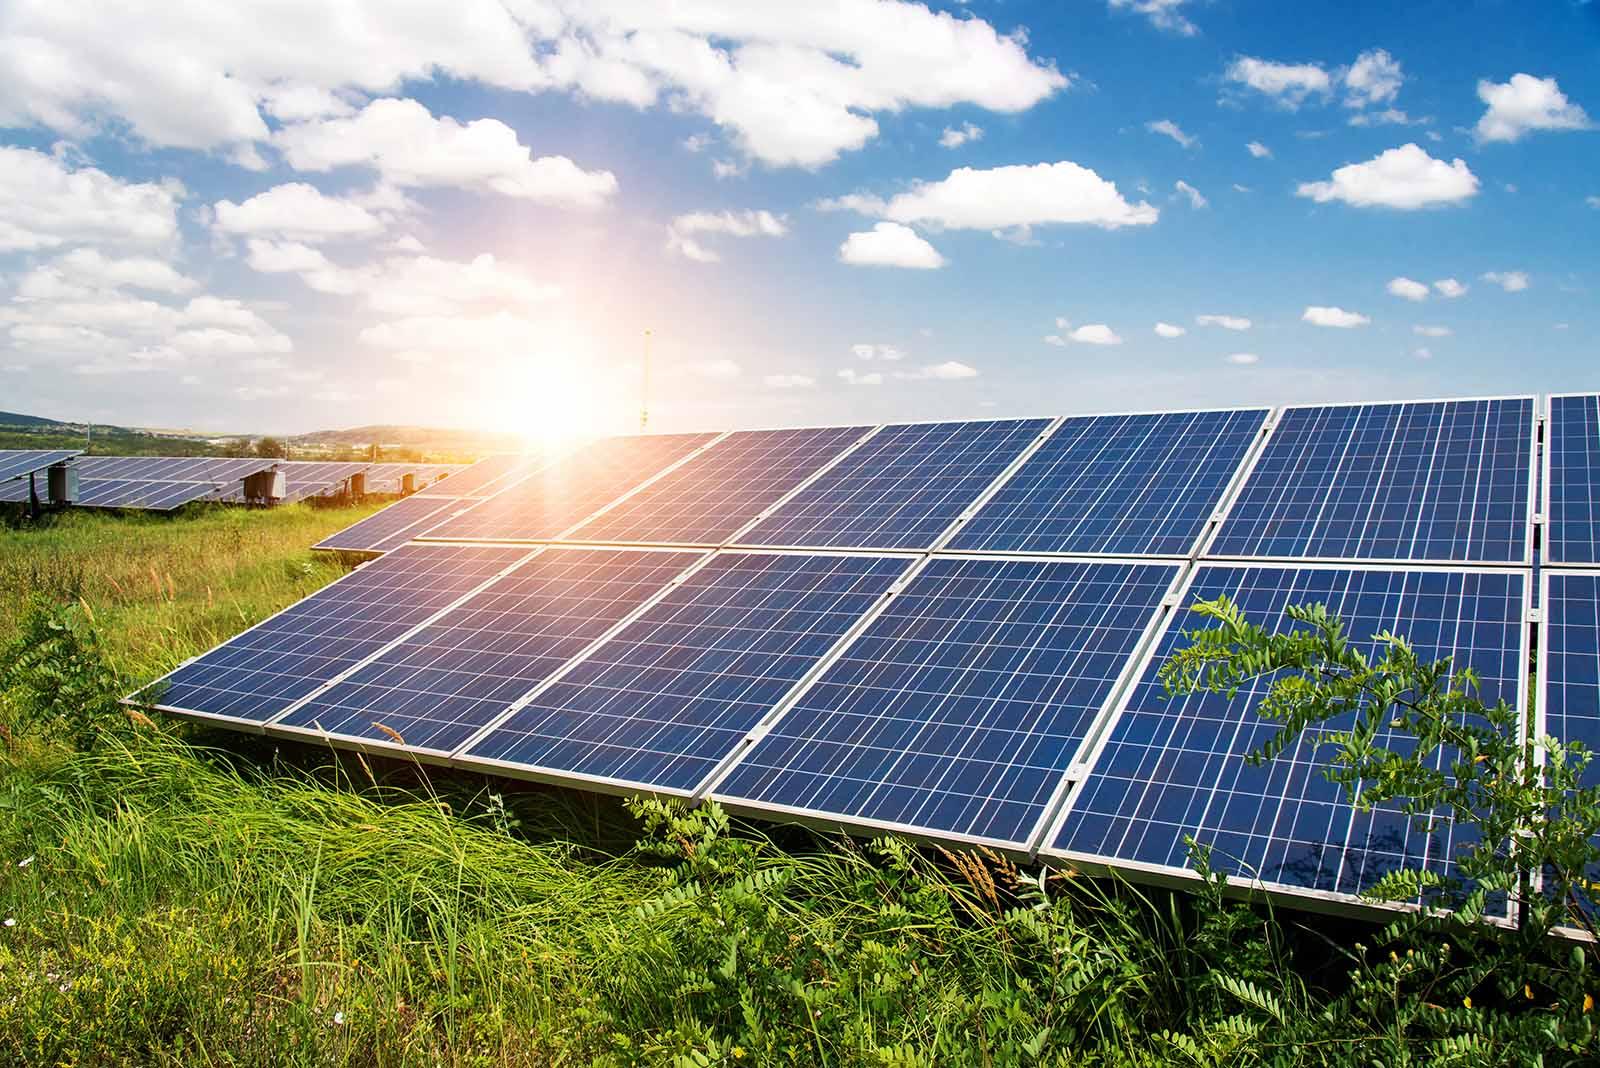 Vi installerar solceller i Kungsbacka! Här en bild på solpaneler en grönskande sommardag.